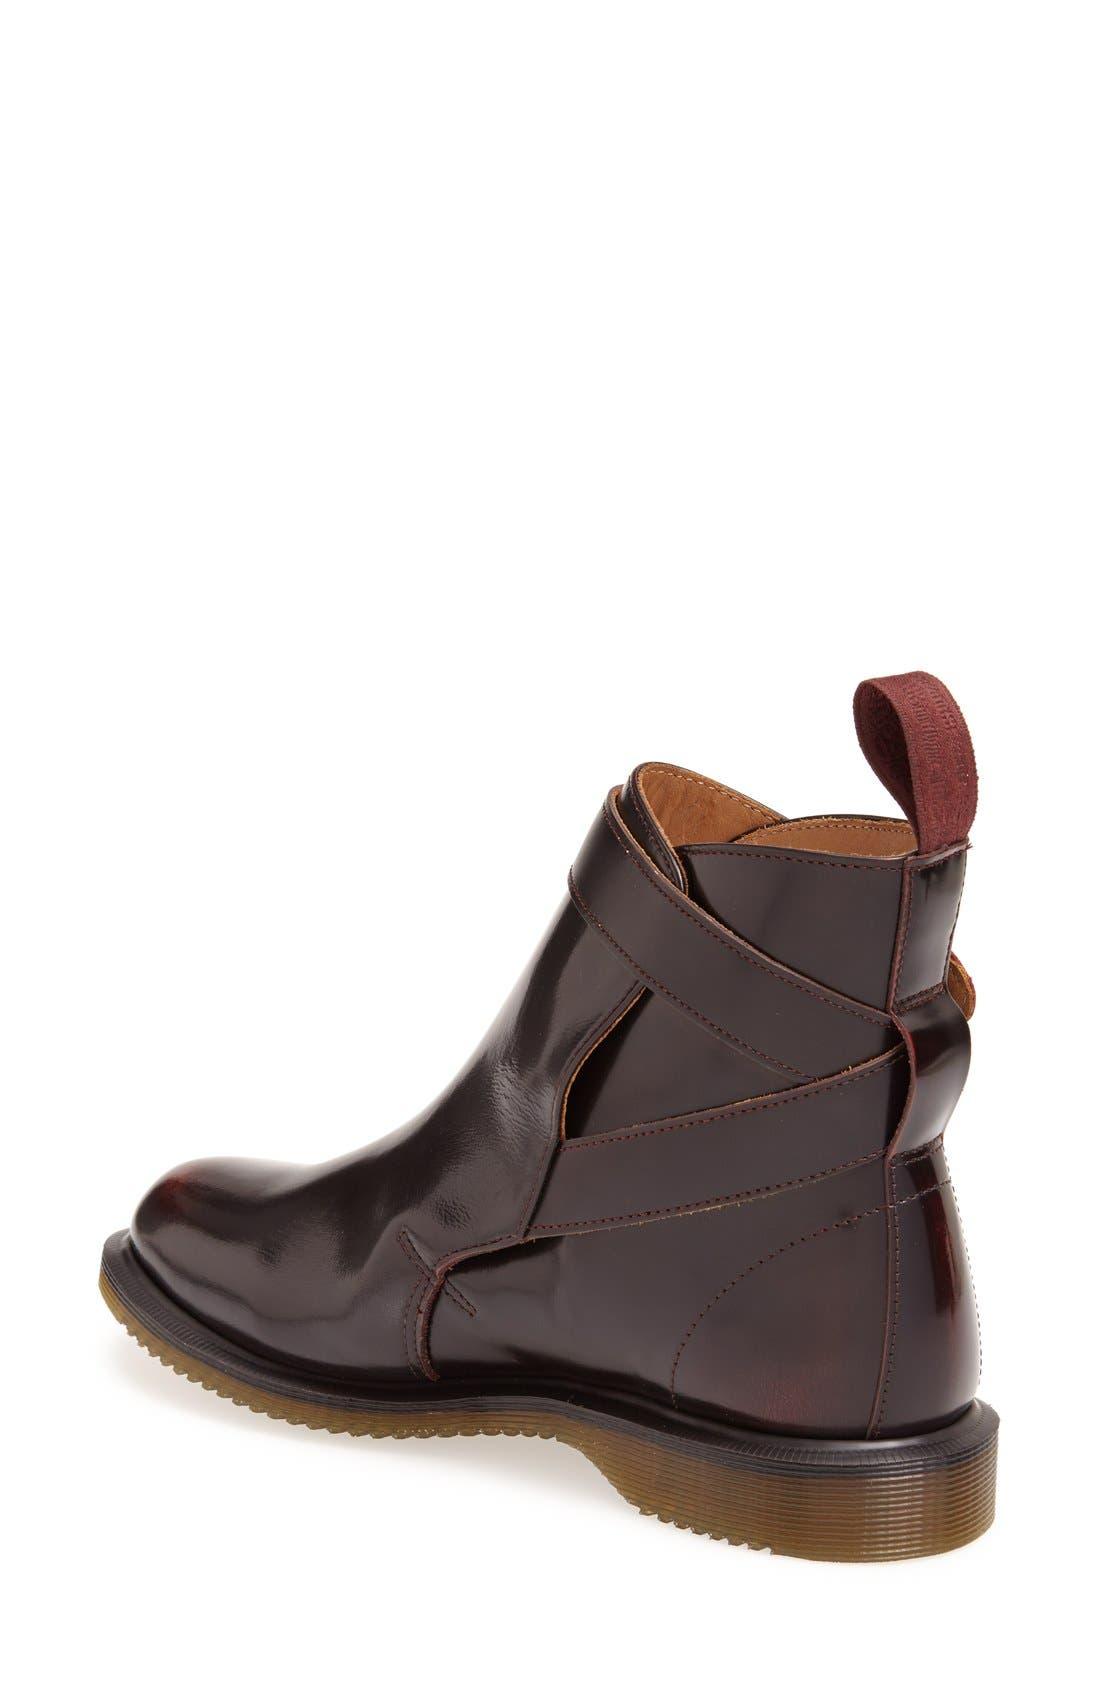 Alternate Image 2  - Dr. Martens 'Teresa' Boot (Women)